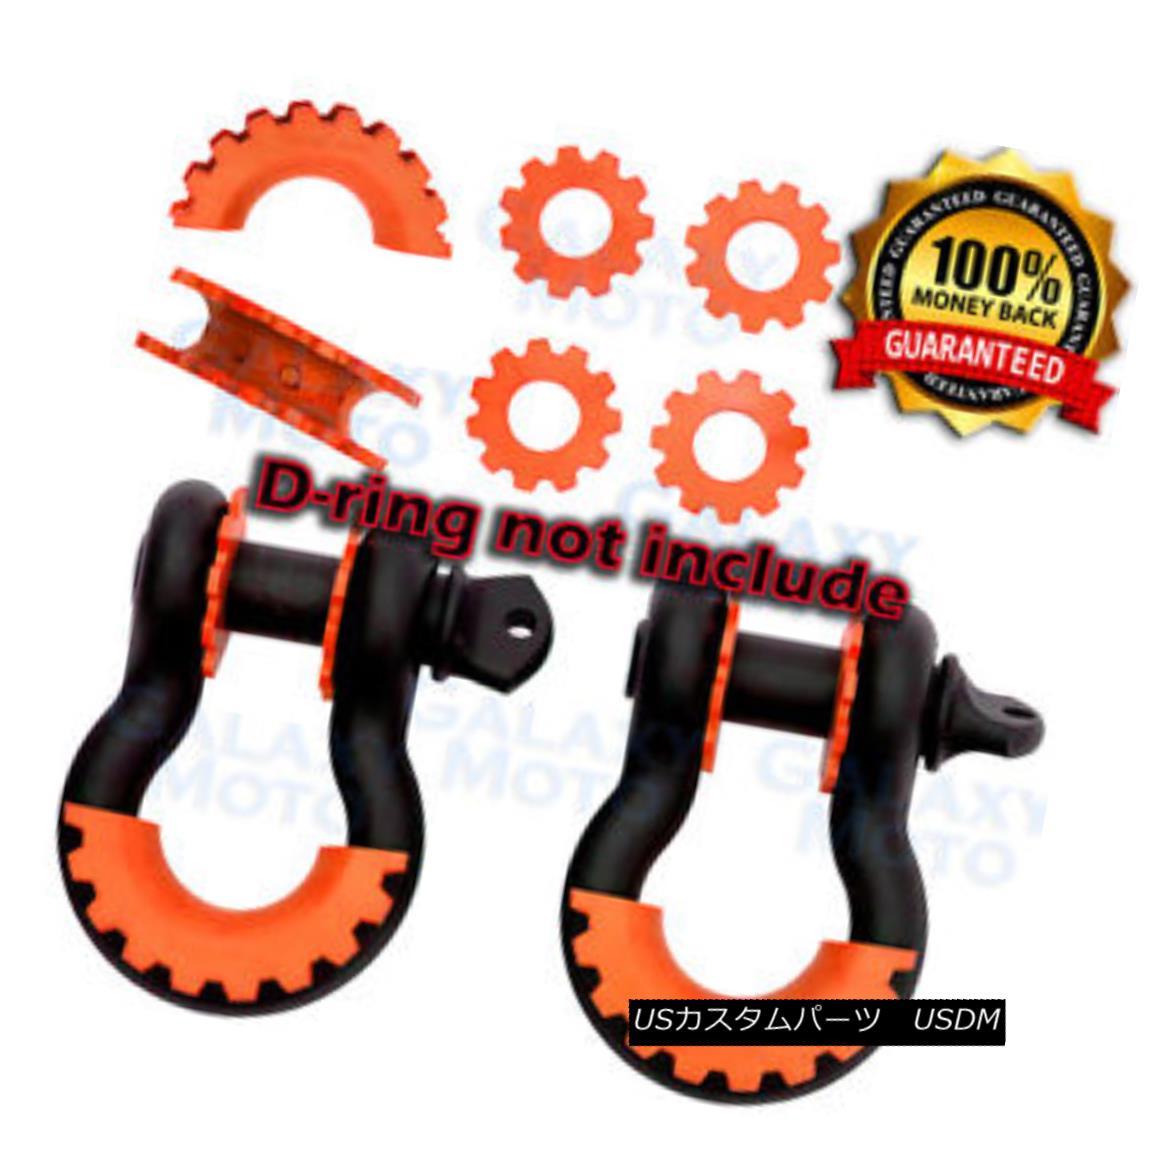 グリル Orange D-Ring Shackle Isolator & Washers 6pcs Set Rattling Protection Cover Kits オレンジDリングシャックルアイソレータ& ワッシャー6個セット防護カバーキット